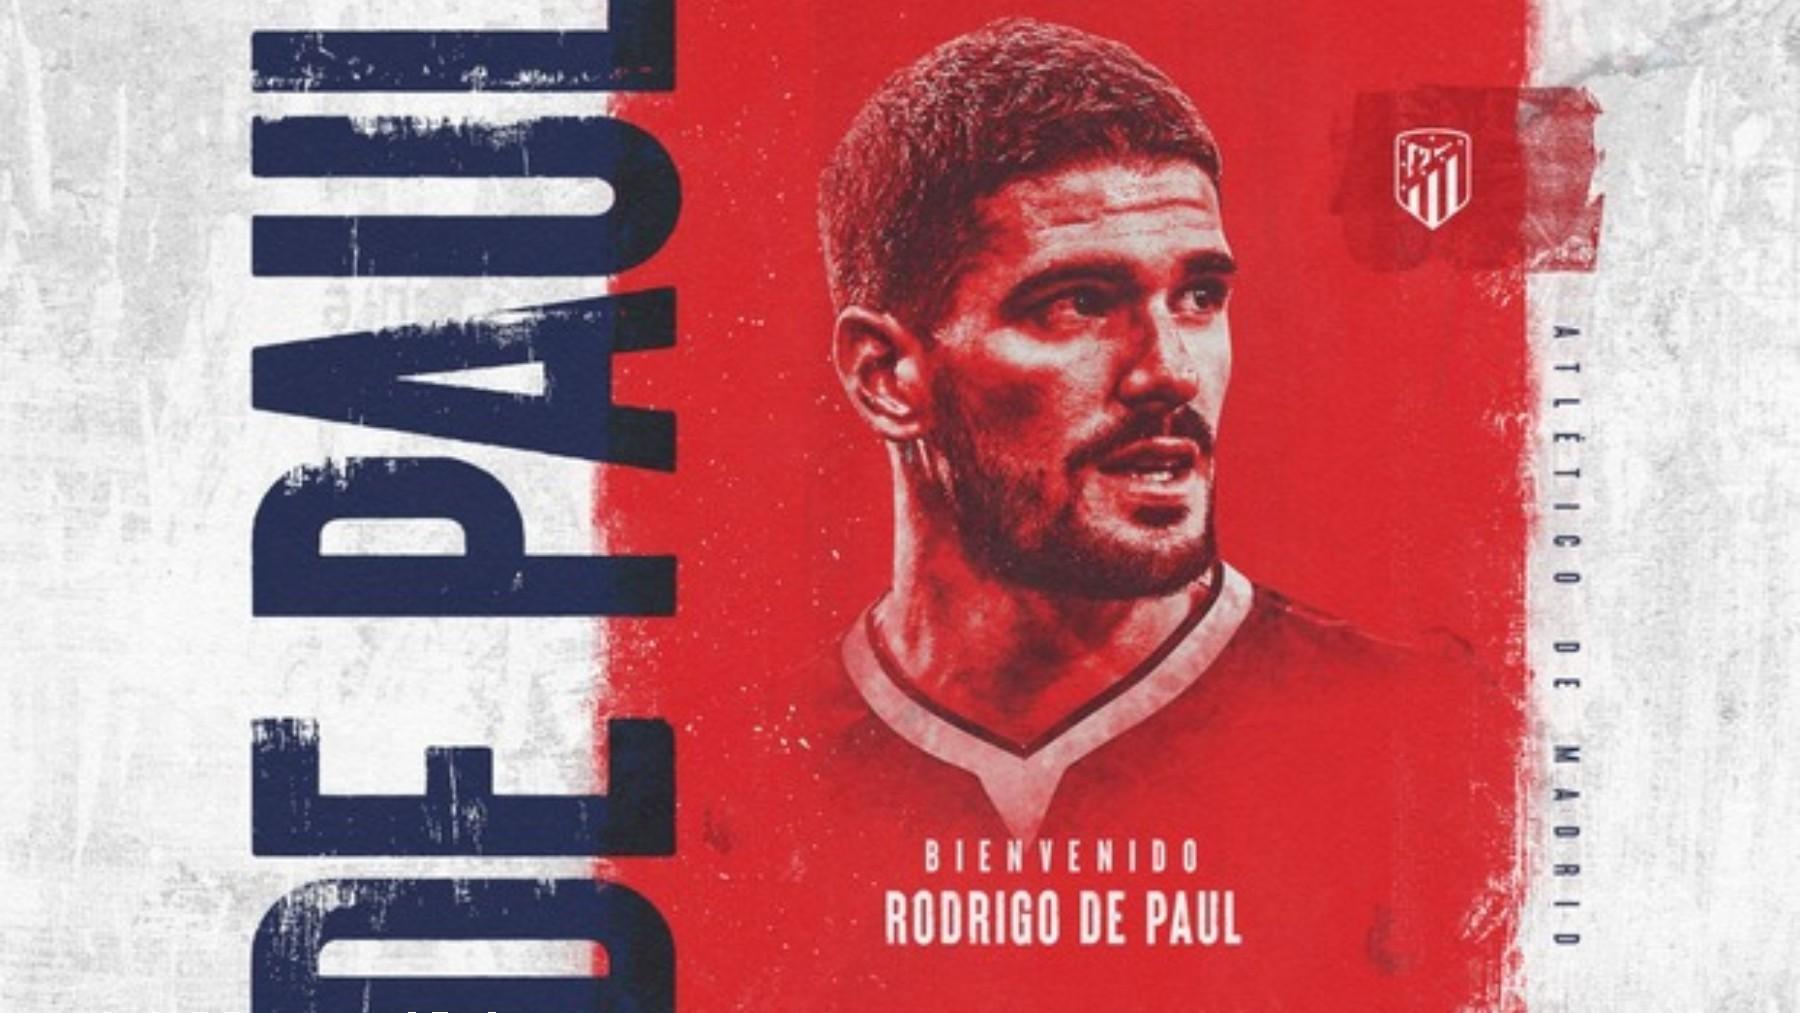 Rodrigo de Paul ya es nuevo jugador del Atlético. (atleticodemadrid.com)